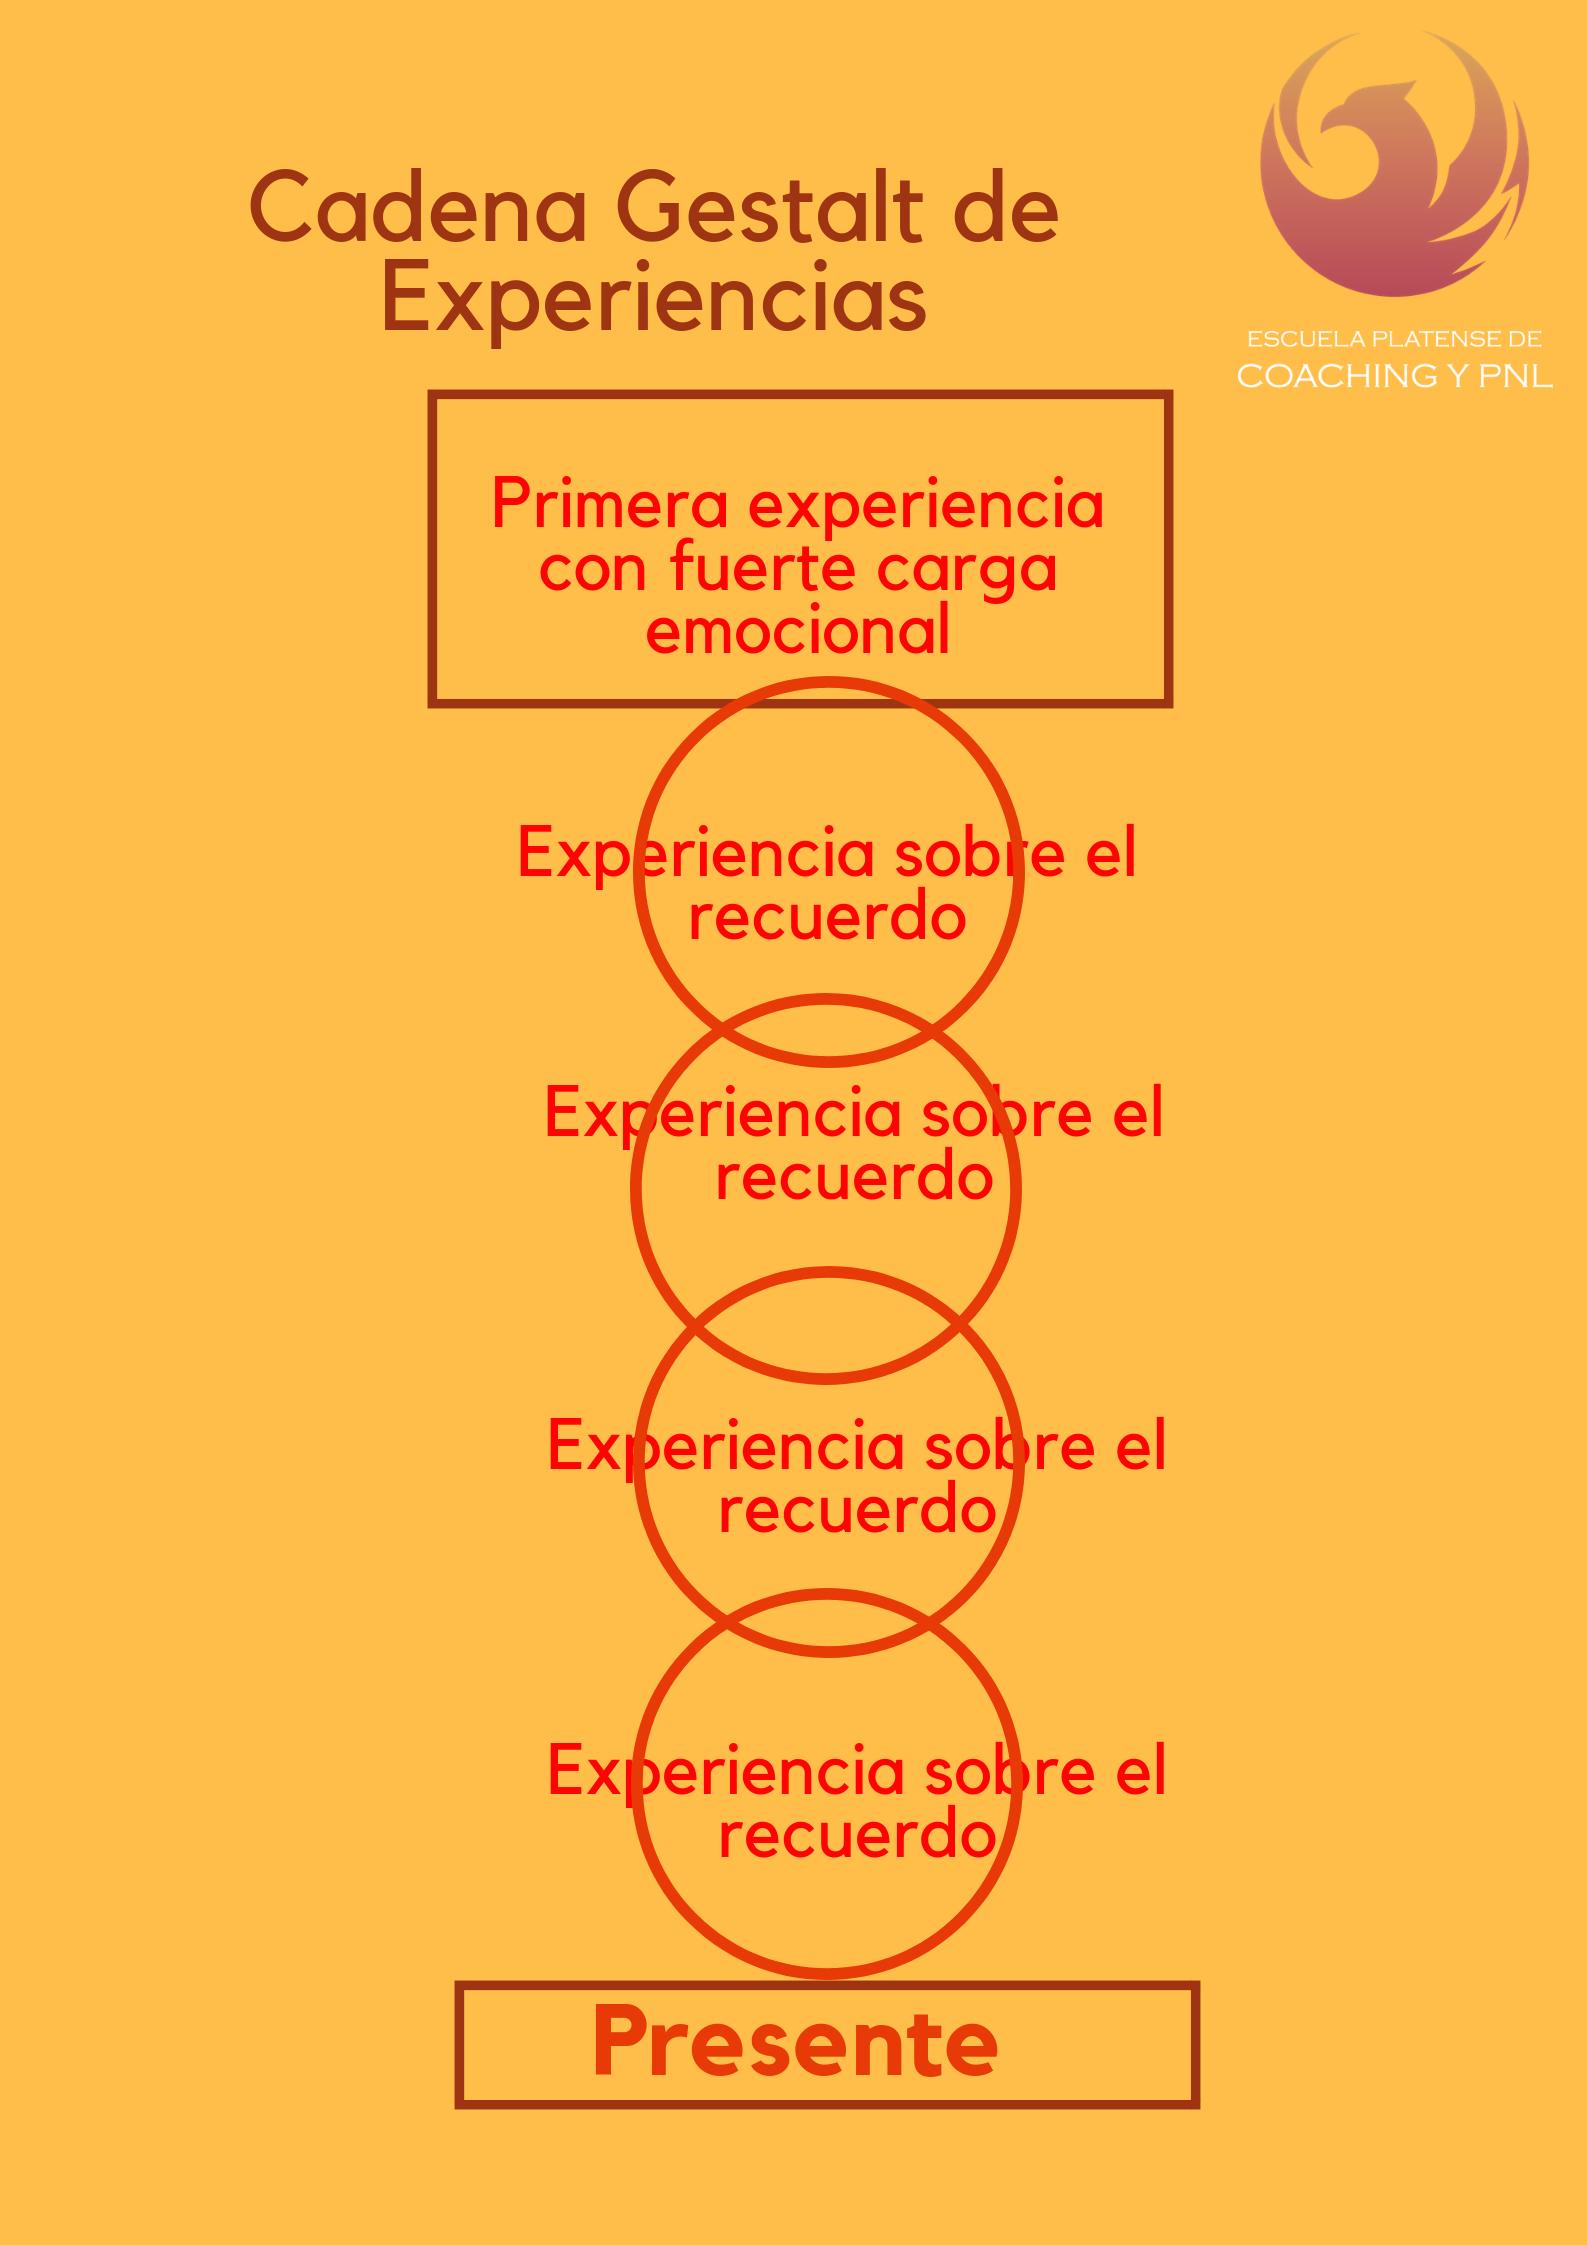 Cadena Gestalt de Experiencias